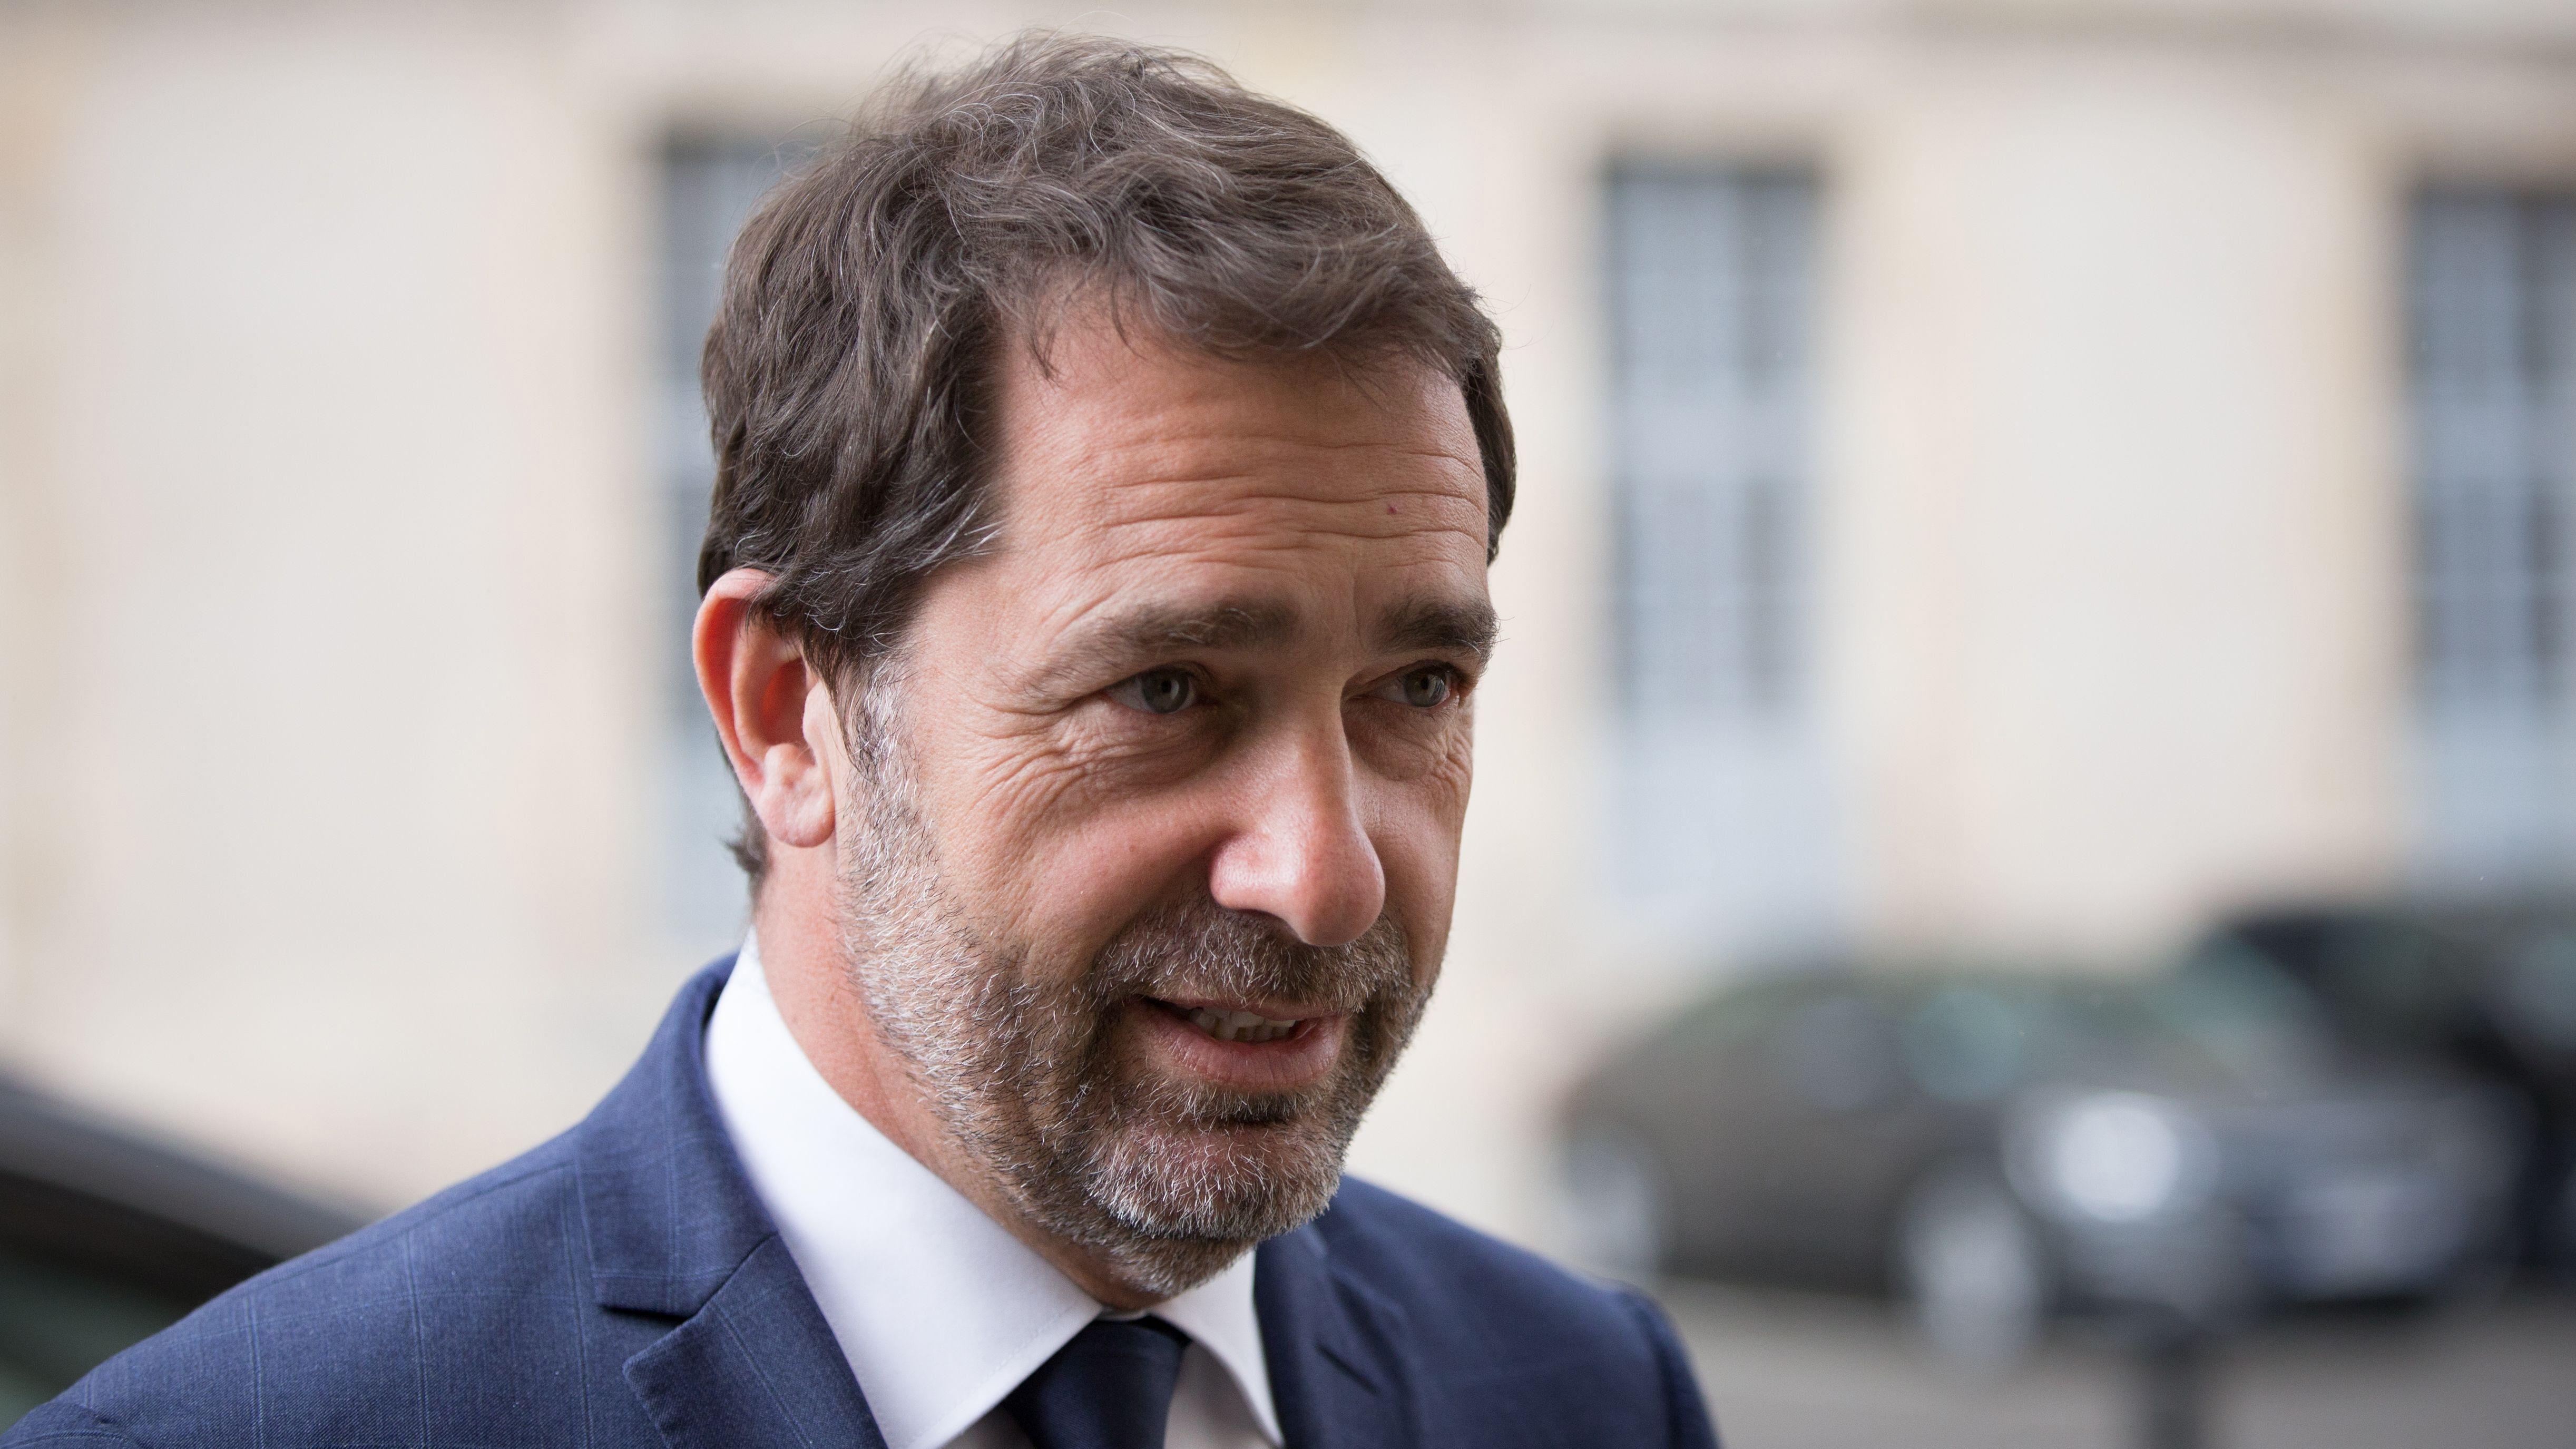 VIDEO Christophe Castaner pas très intéressé par le discours d'Emmanuel Macron? Il répond